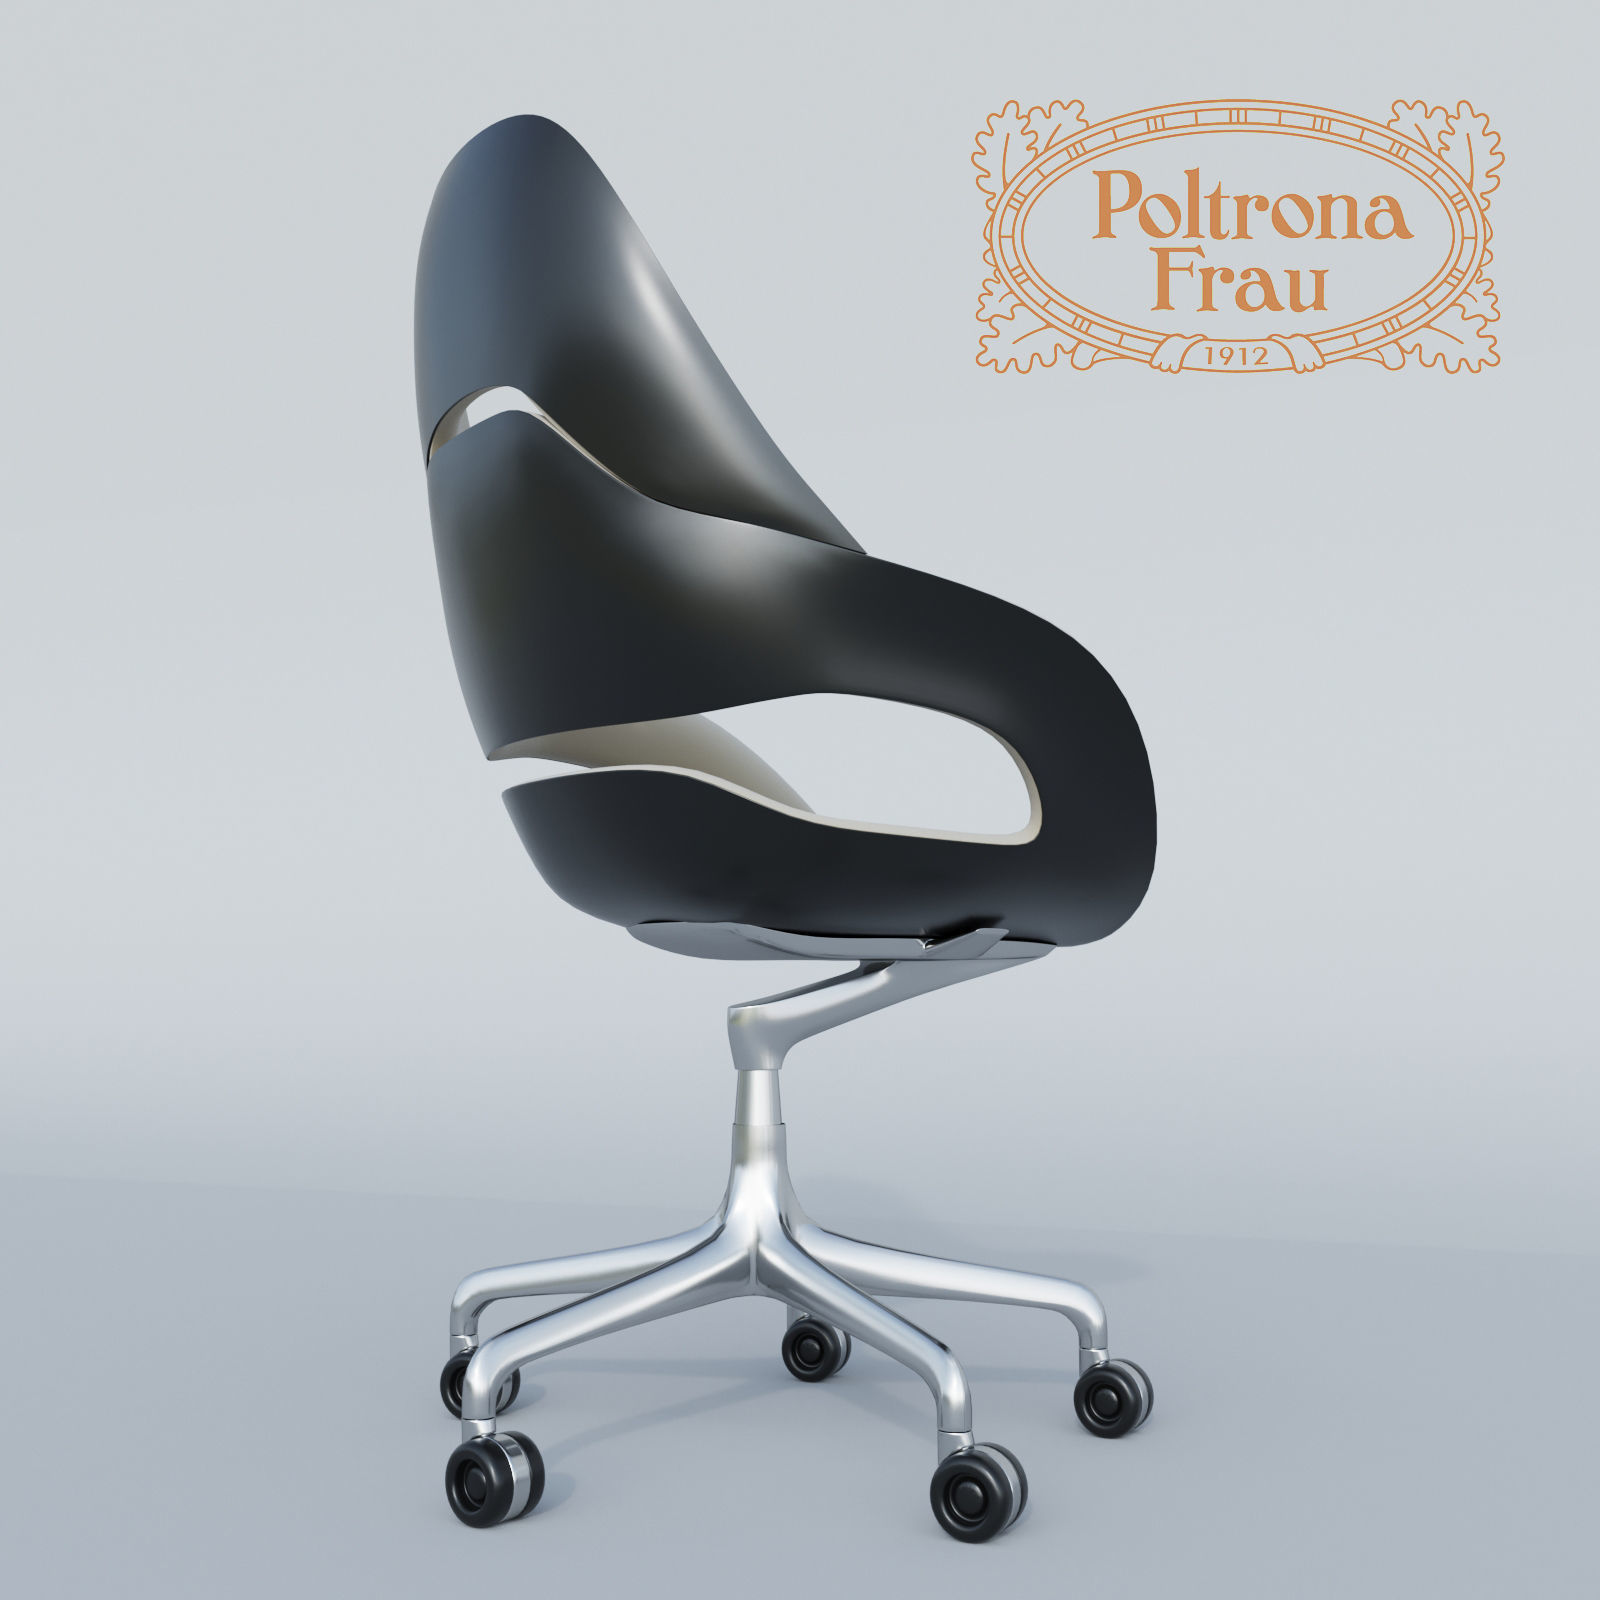 ferrari office chair clear desk poltrona frau chairs cockpit